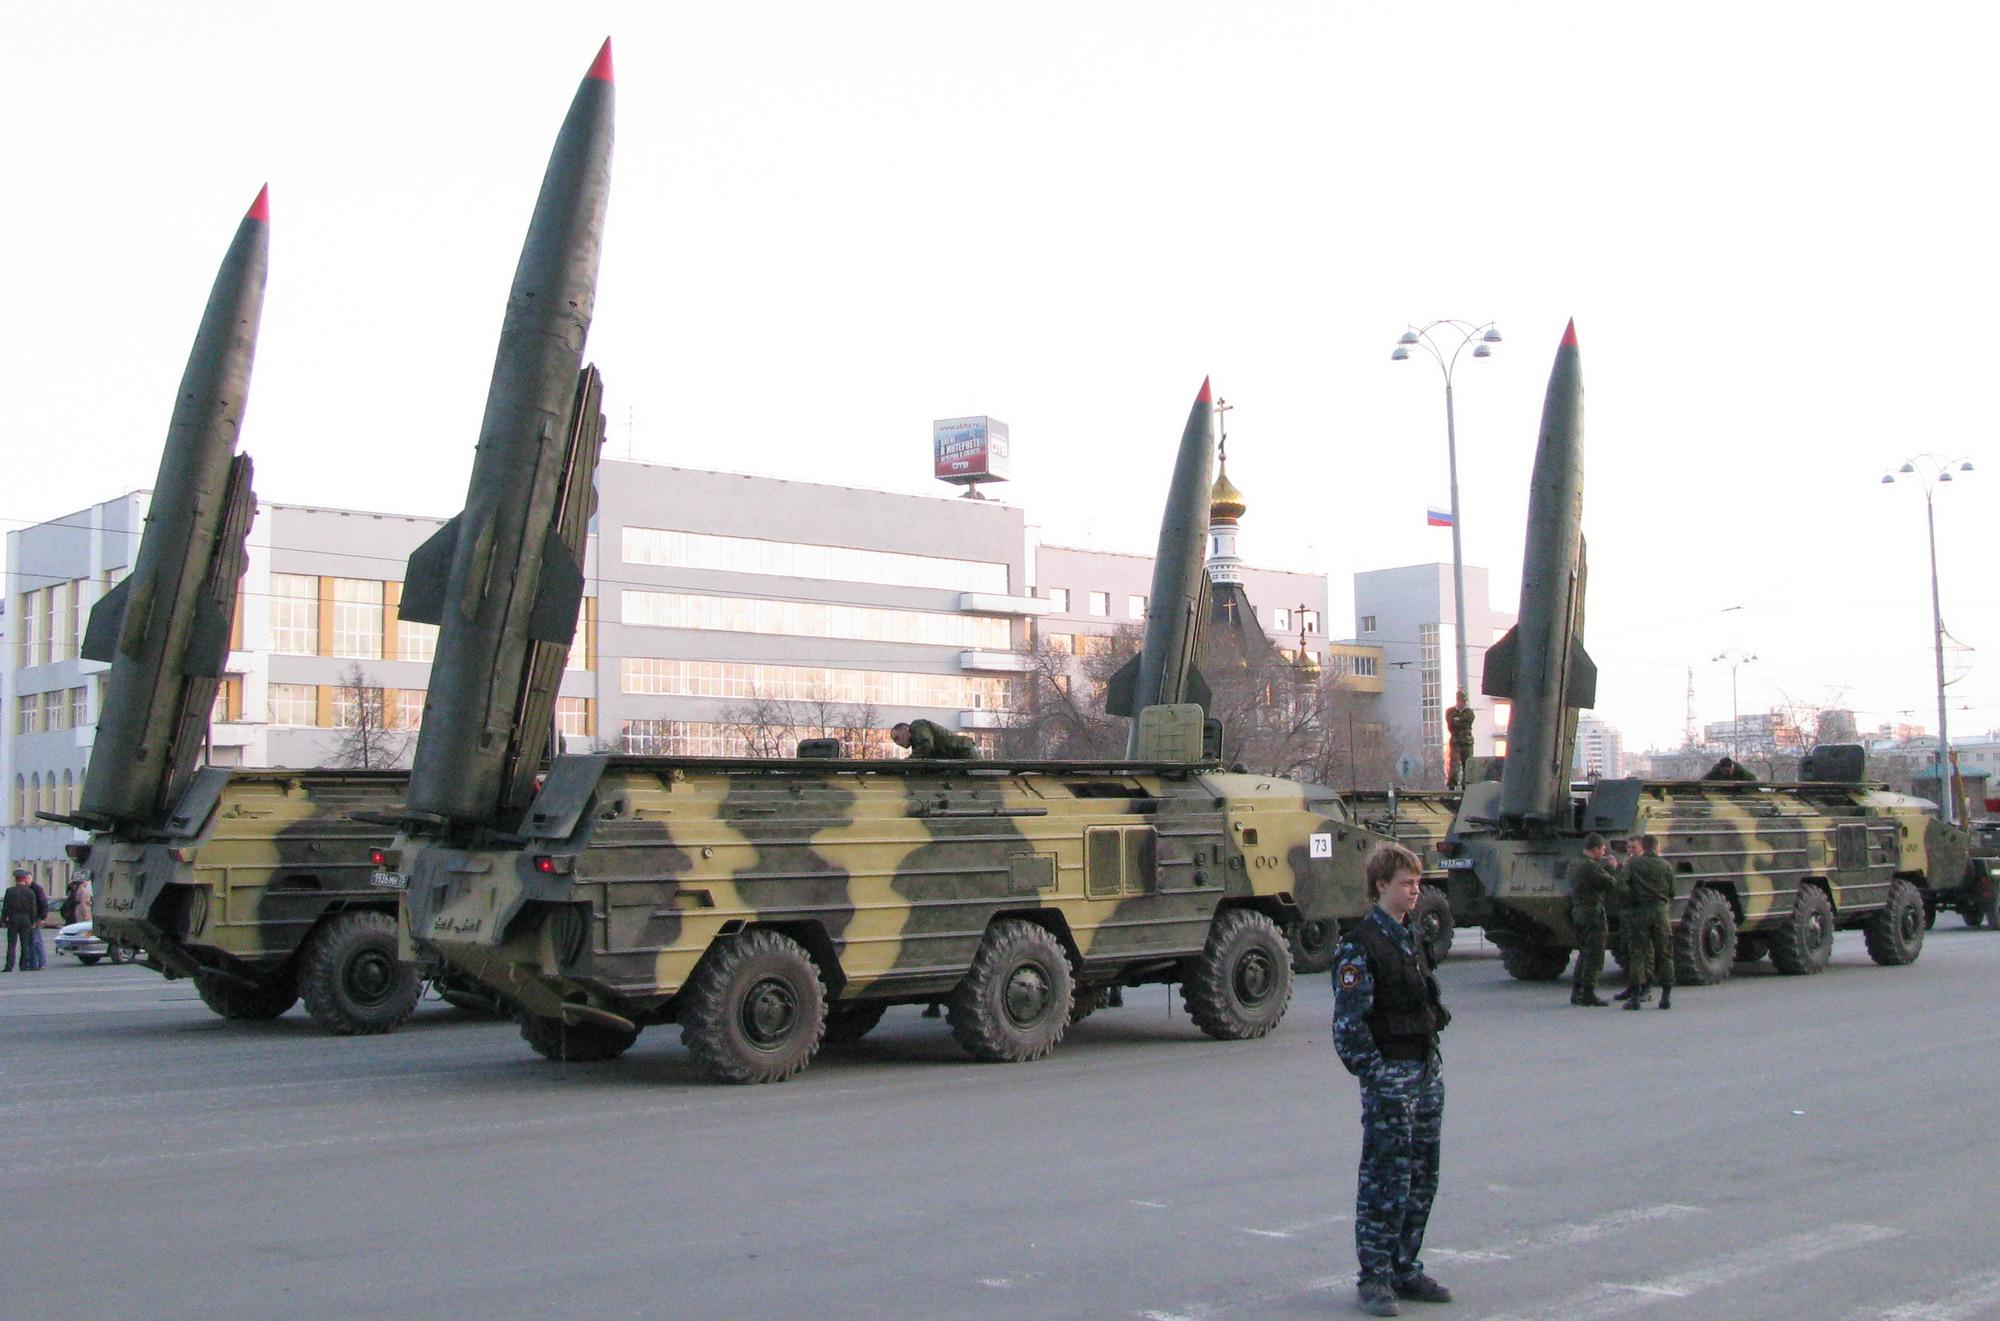 الجزائر ومصر والعراق تتزود بصواريخ اسكندر من روسيا